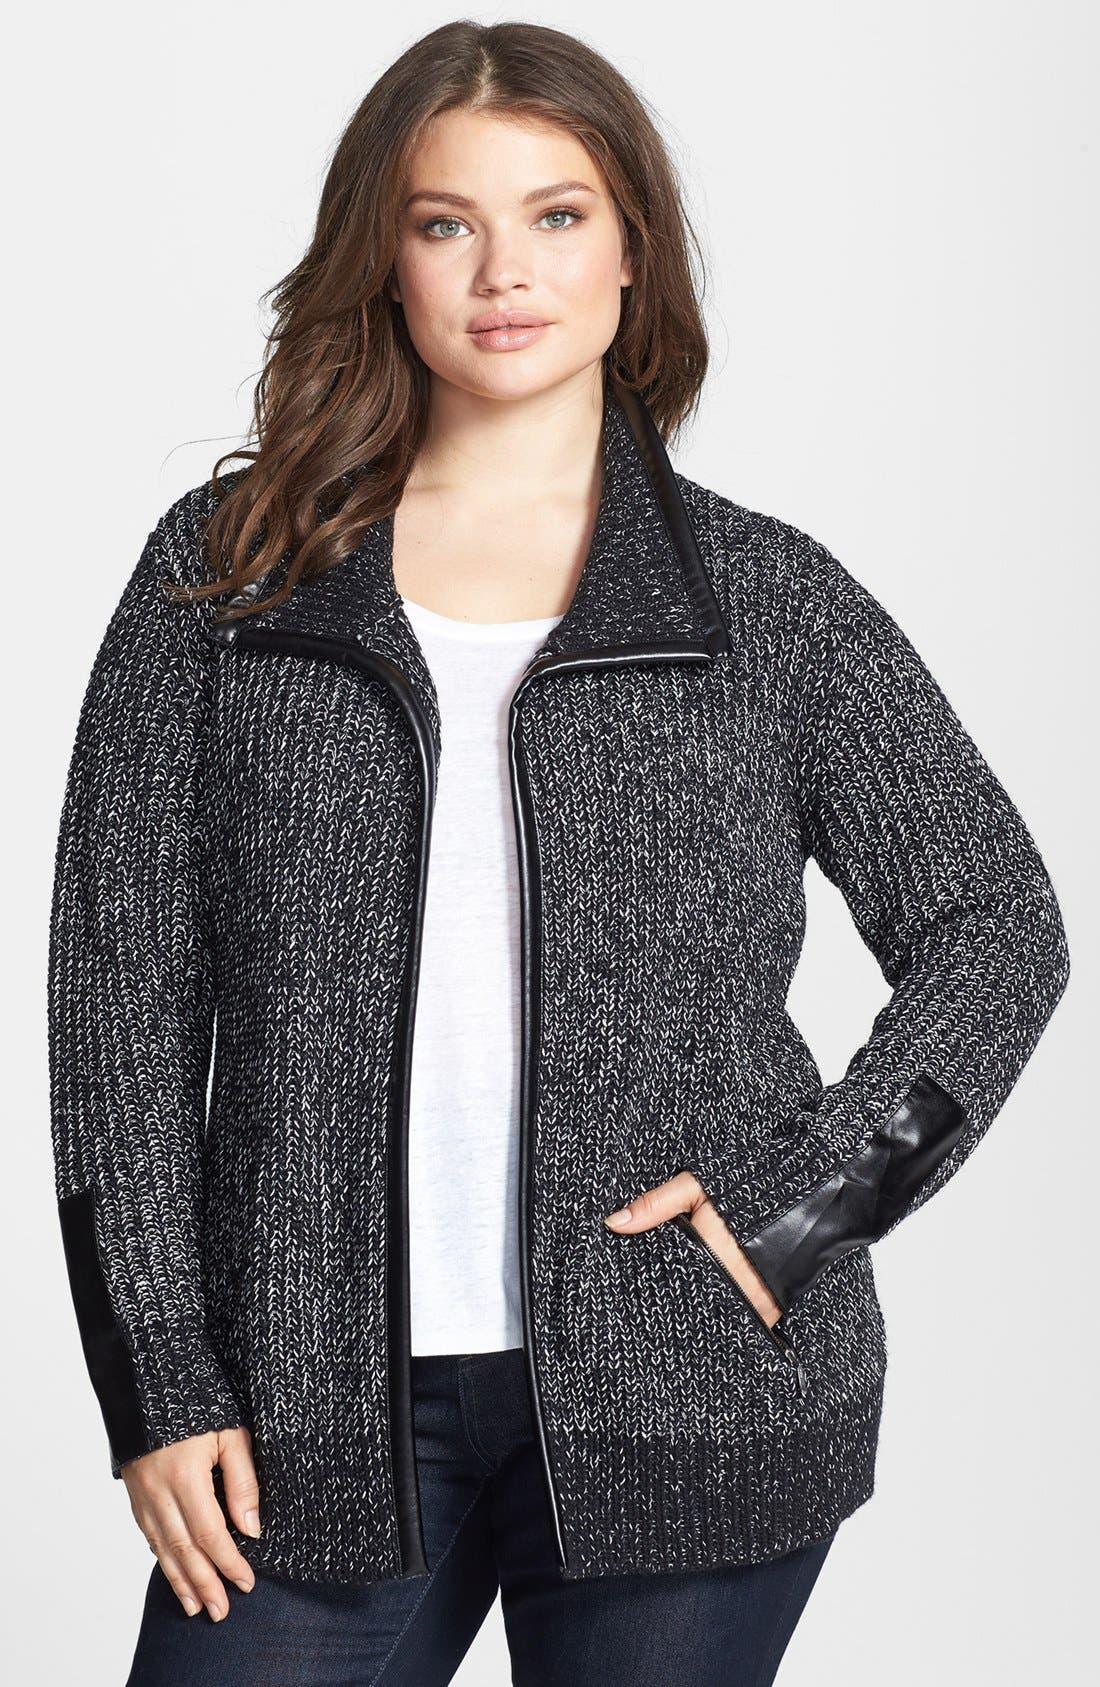 Main Image - Sejour Faux Leather Trim Open Front Knit Jacket (Plus Size)